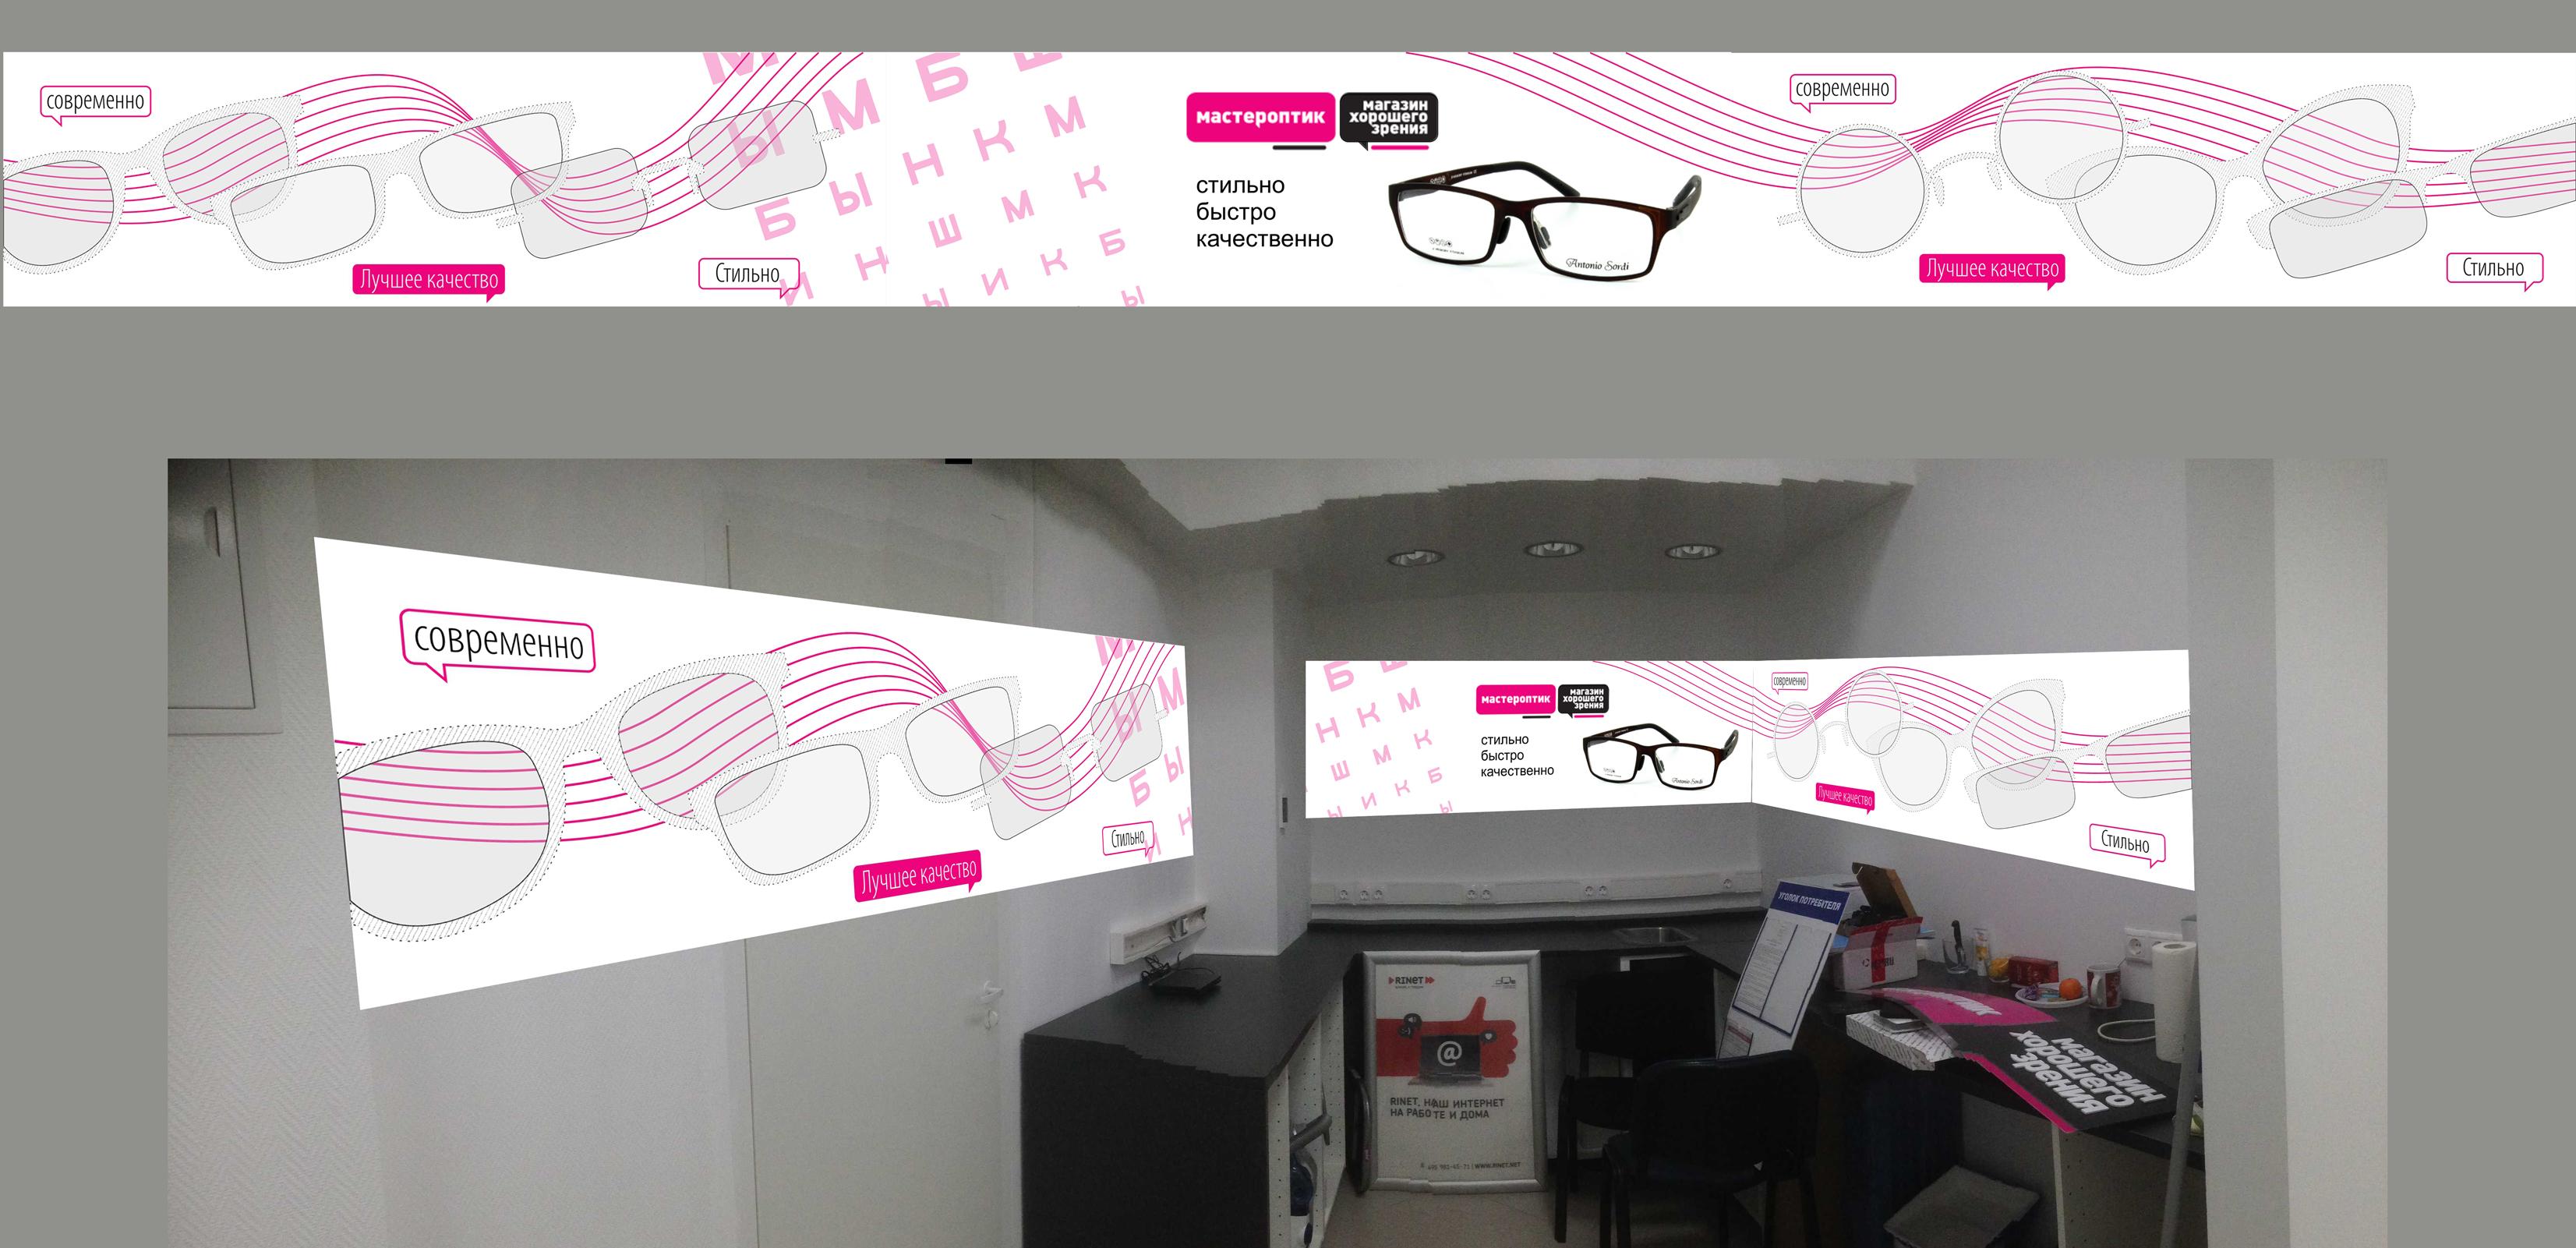 Создание нескольких графических панно для оптической компани фото f_82158fb30159f6d0.jpg